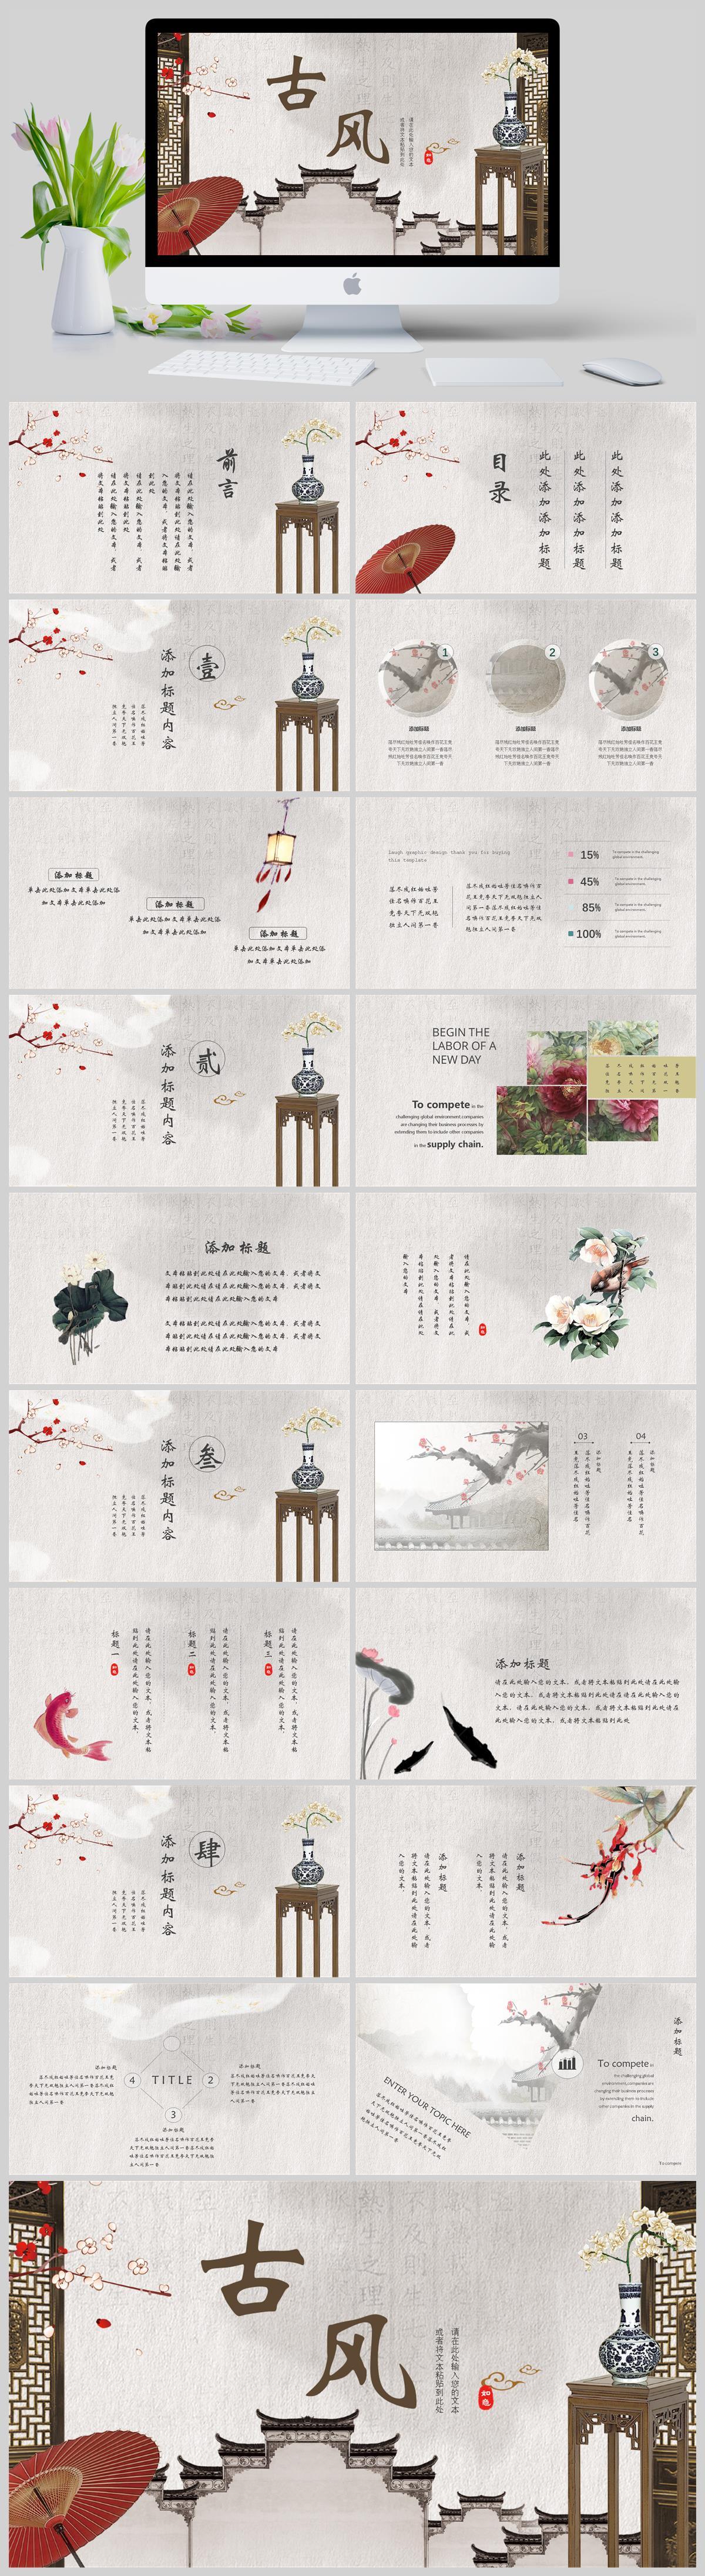 古典中国风别致古风水墨中国风总结计划通用PPT亚博体育主页